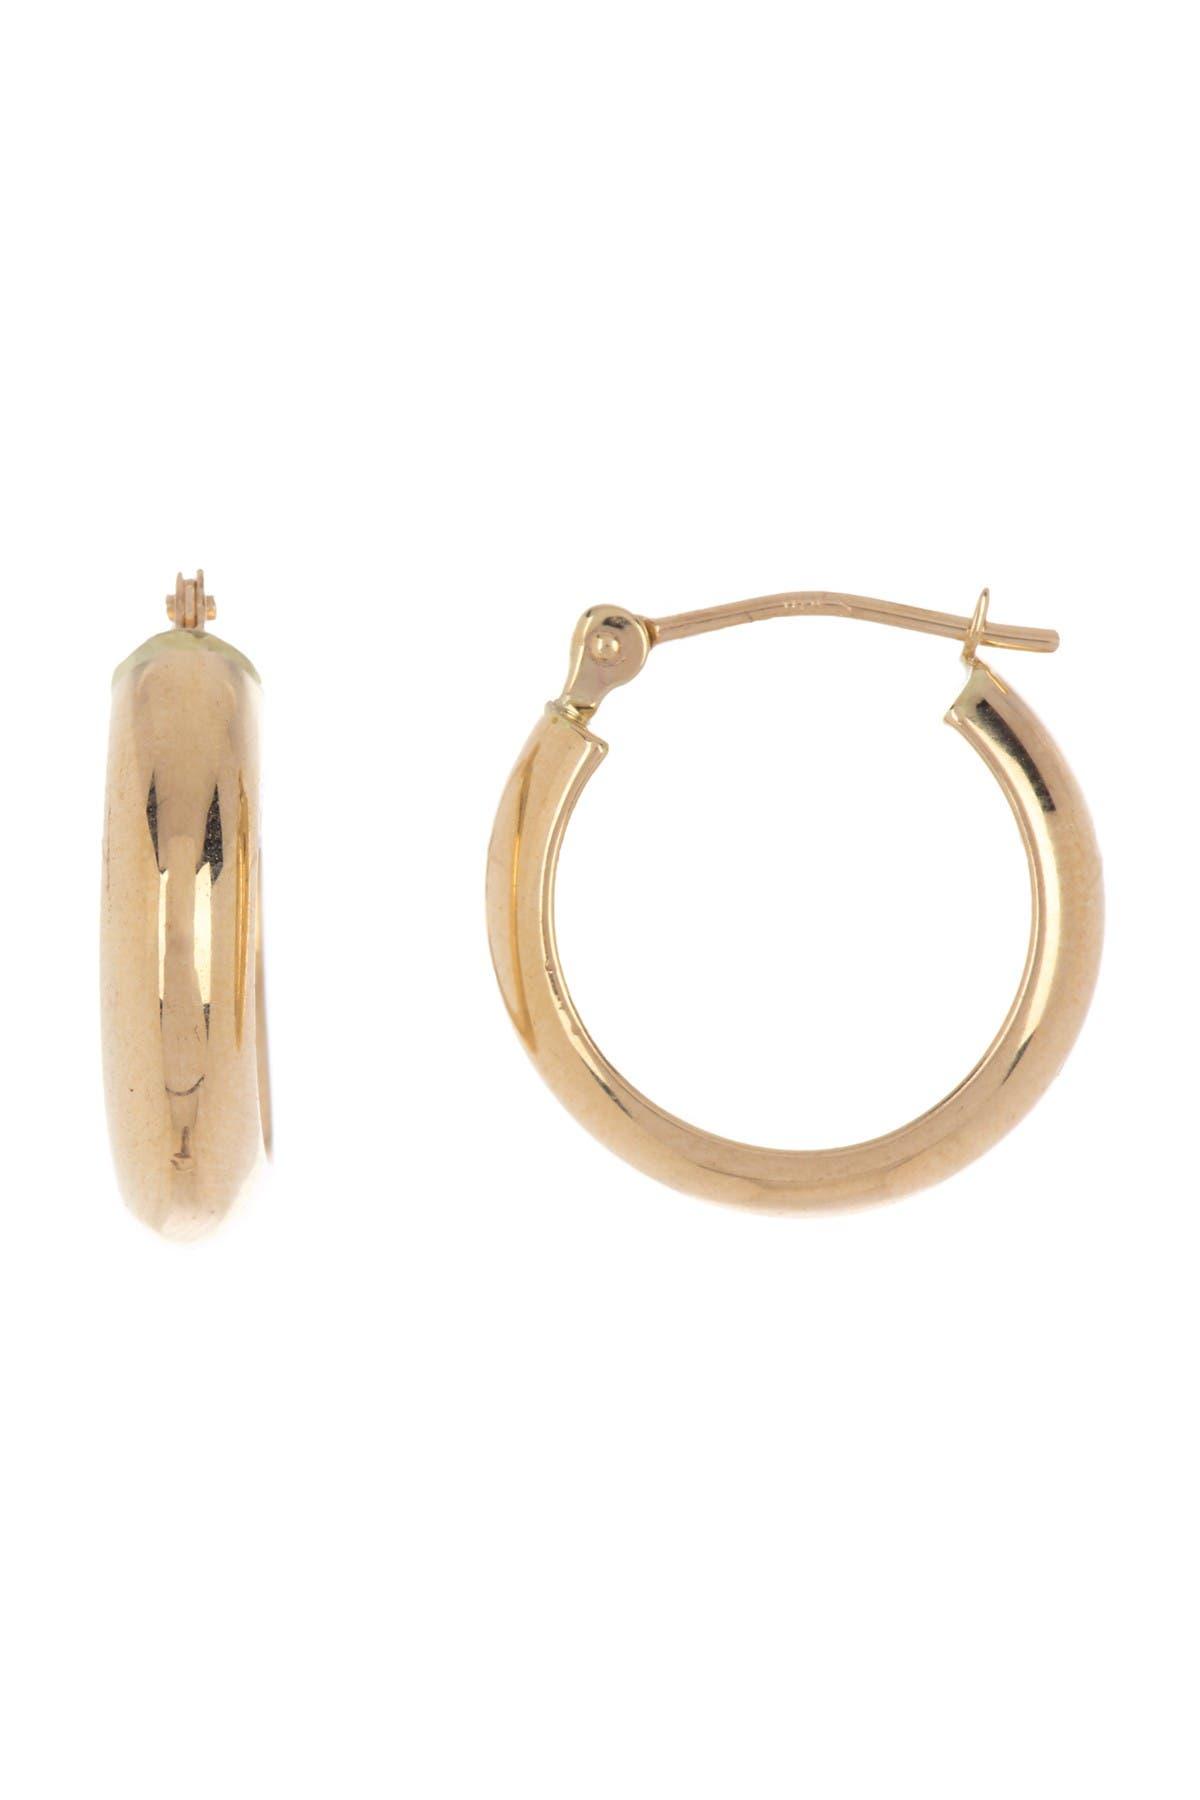 Image of Candela 14K Yellow Gold 15mm Polished Hoop Earrings